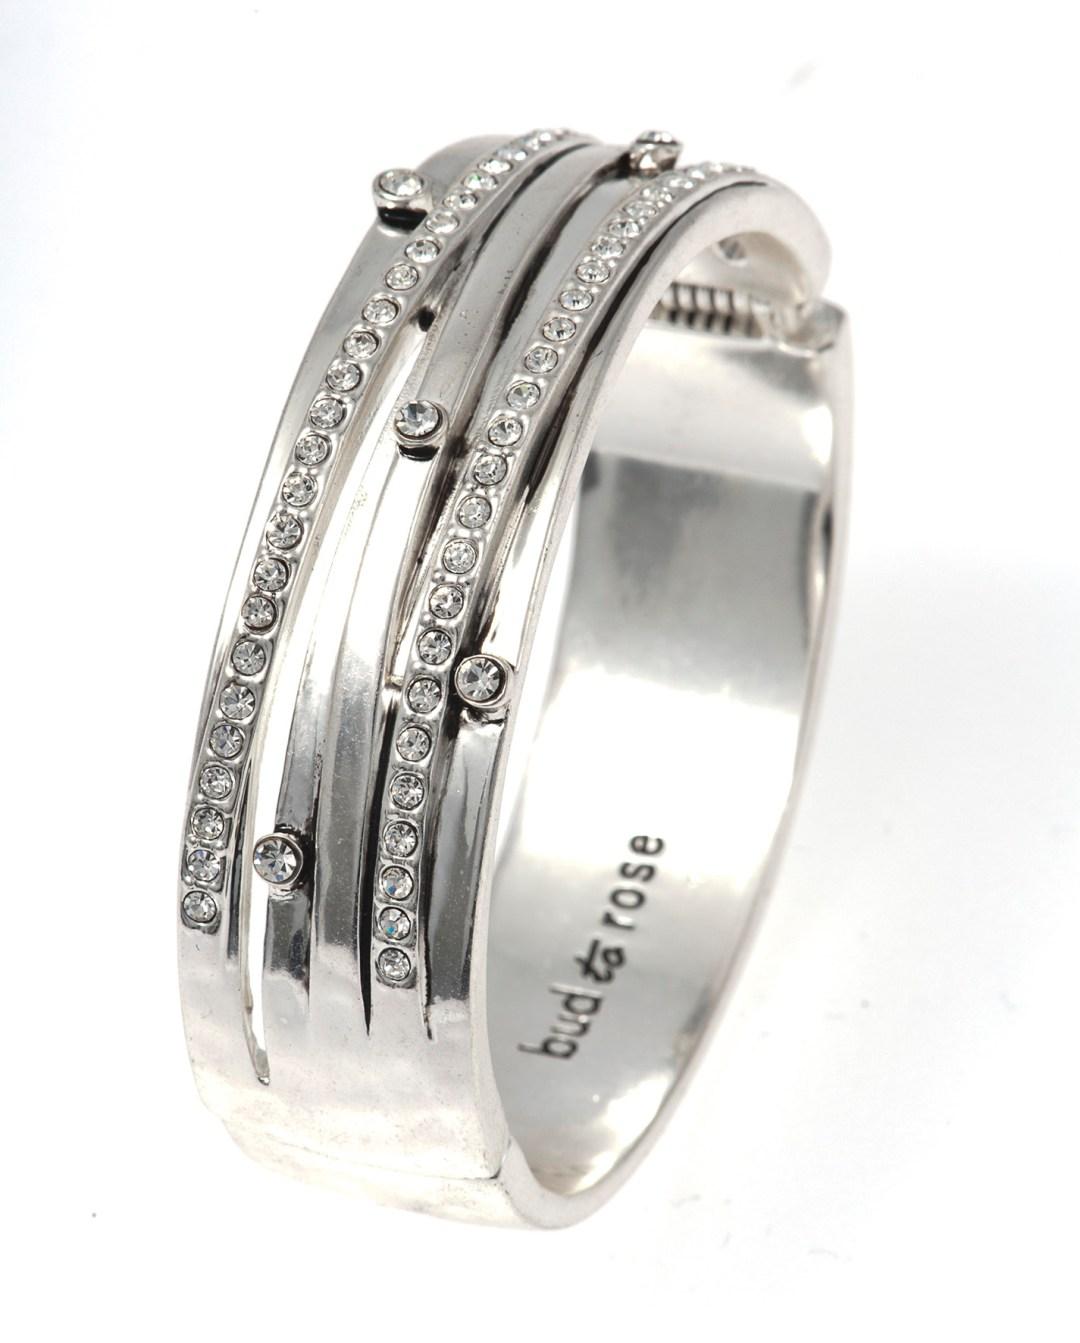 Produktfoto av smycke för Bud to Rose